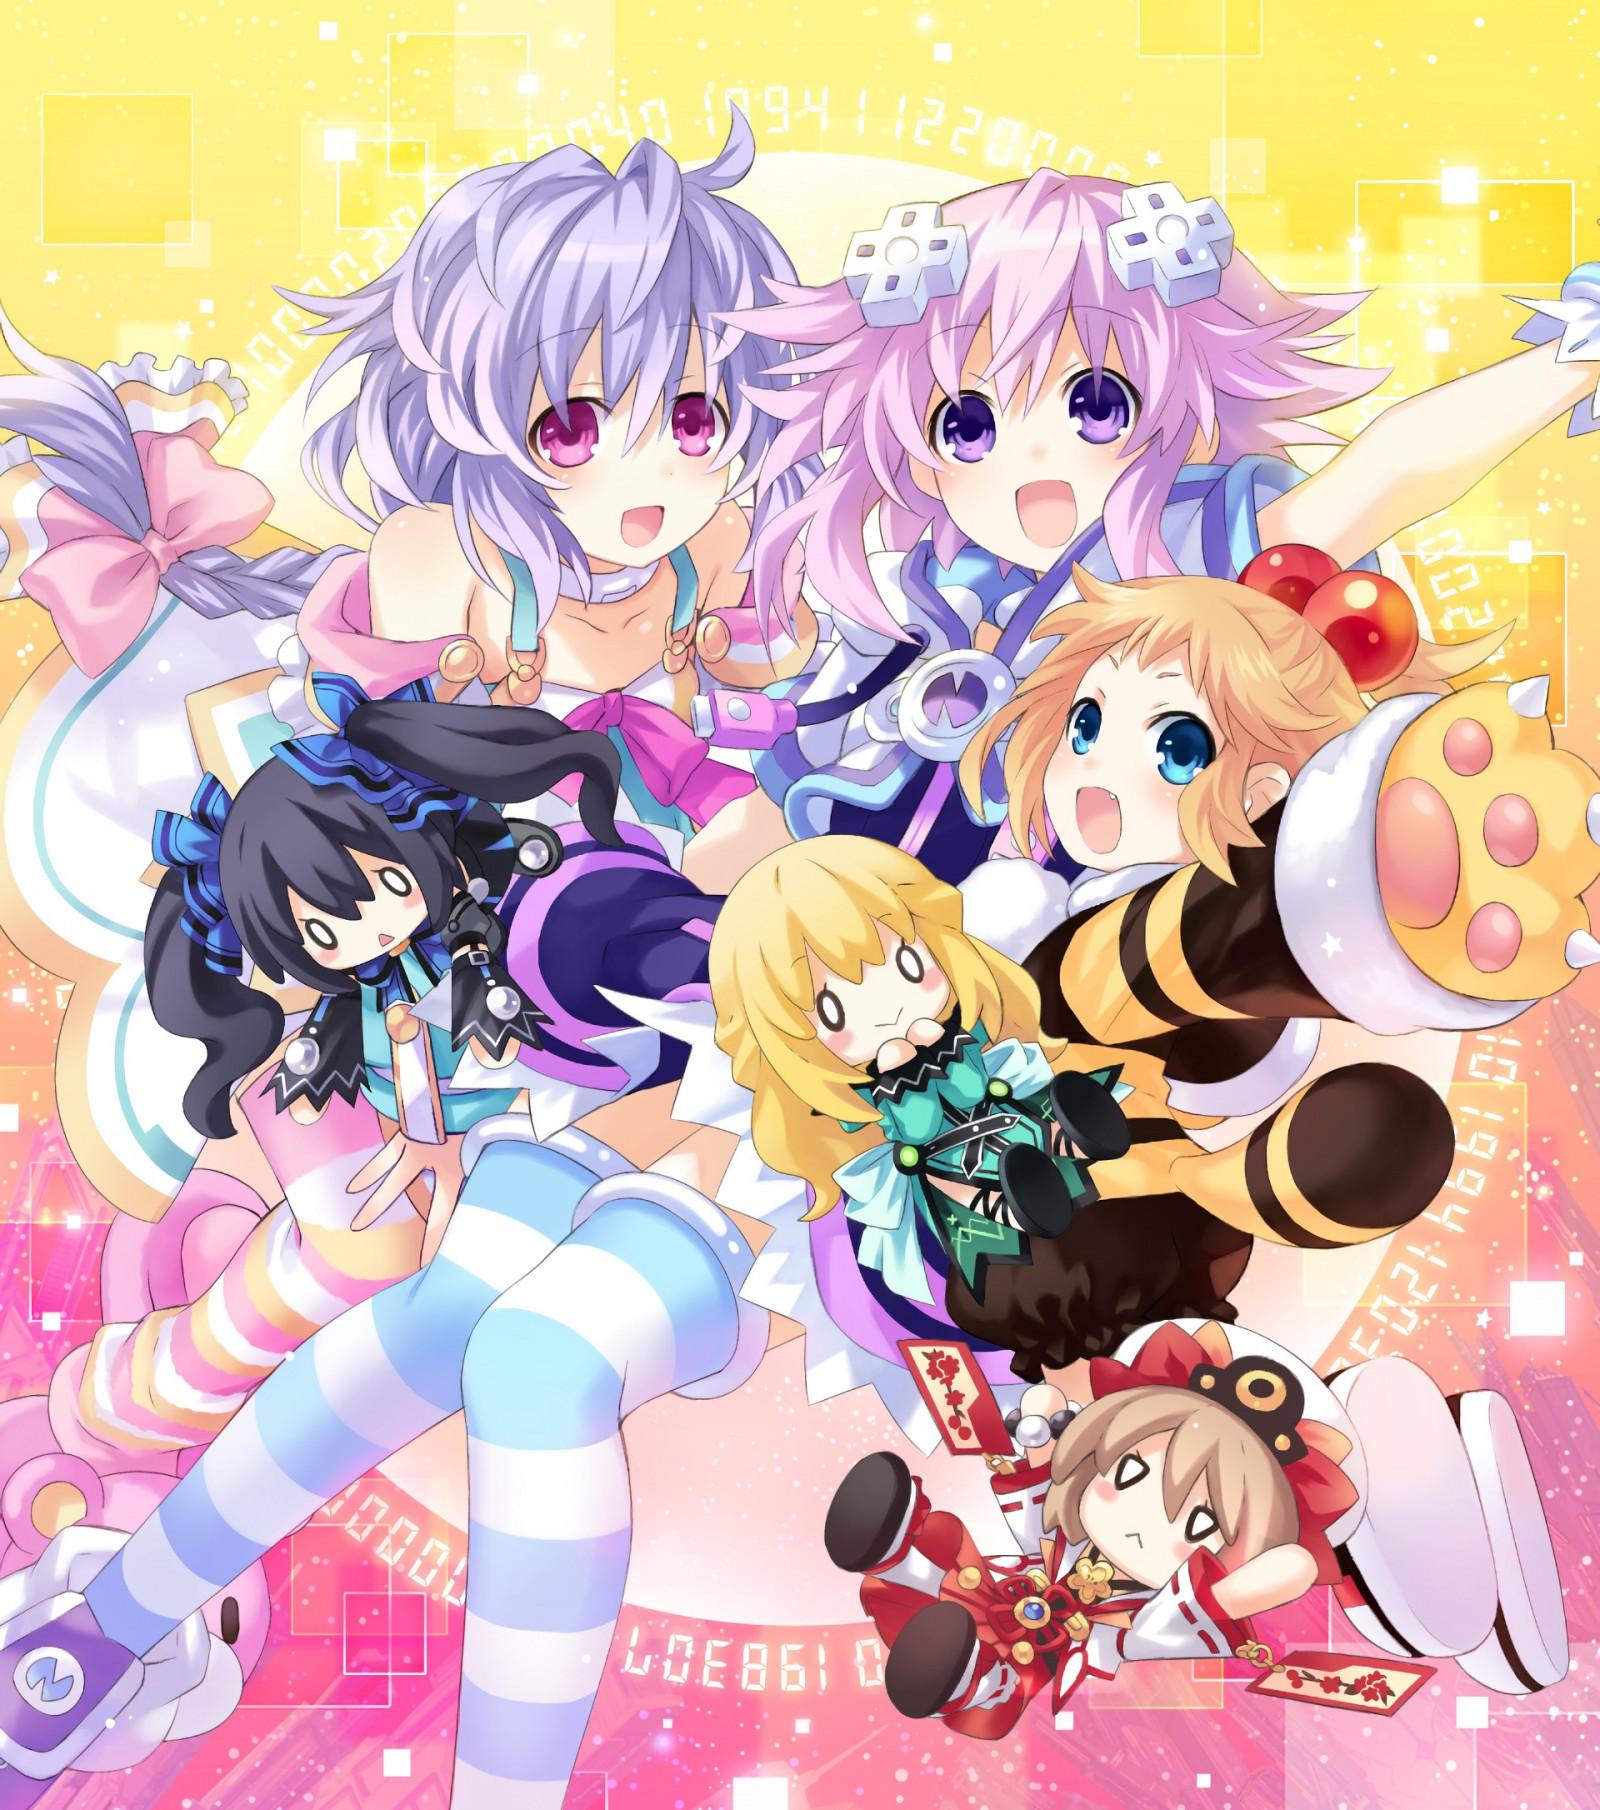 HD wallpaper: Hyperdimension Neptunia, anime girls